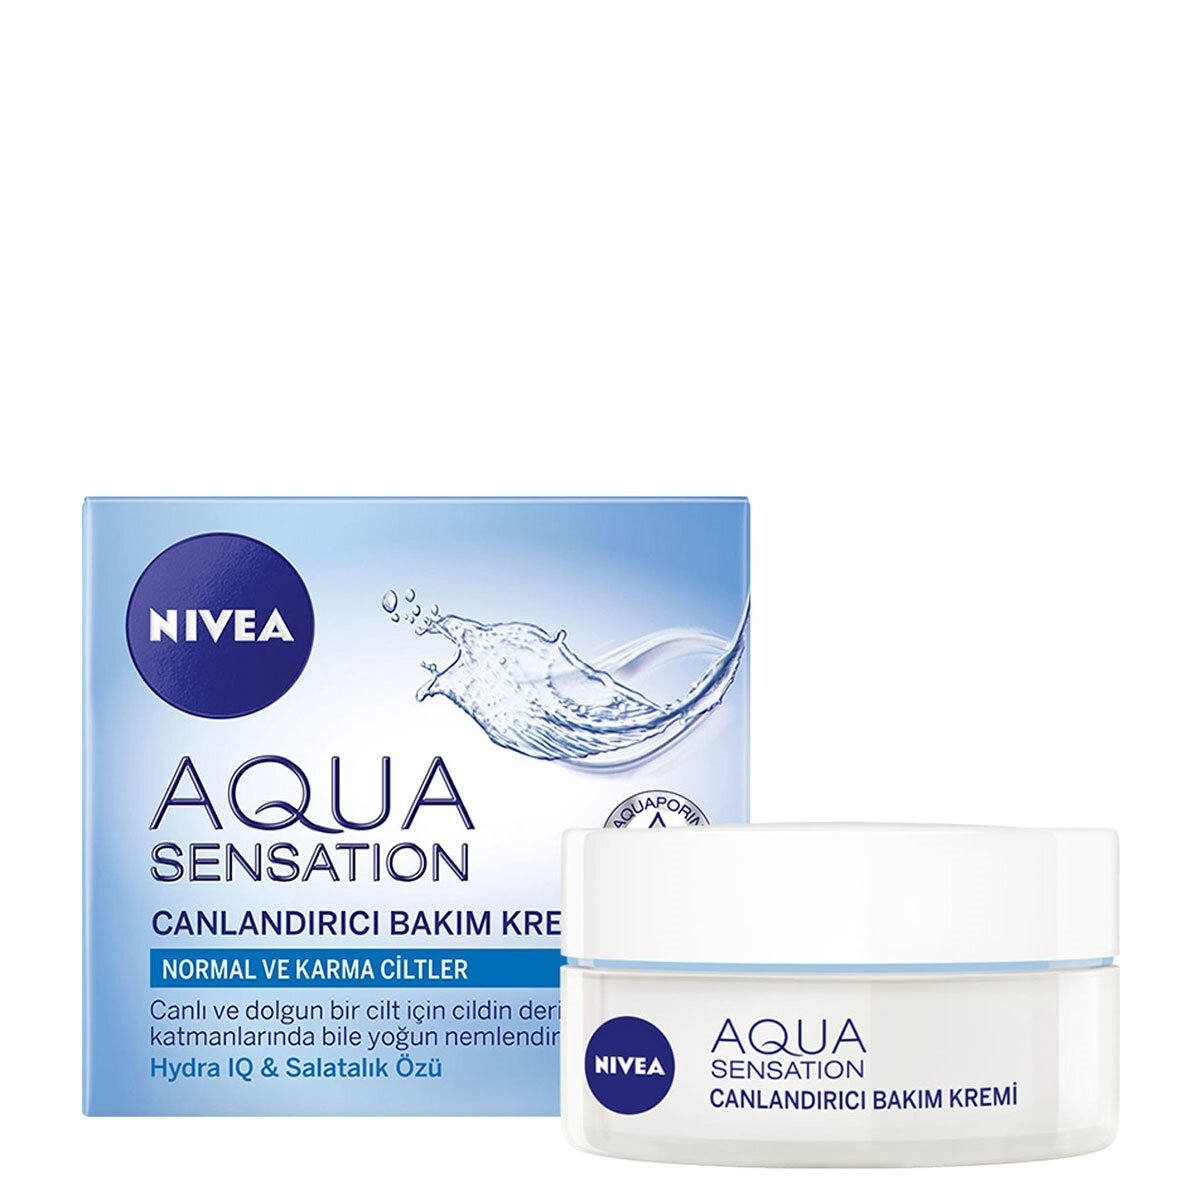 Visage Aqua Sensation Yüz Kremi 50 ml